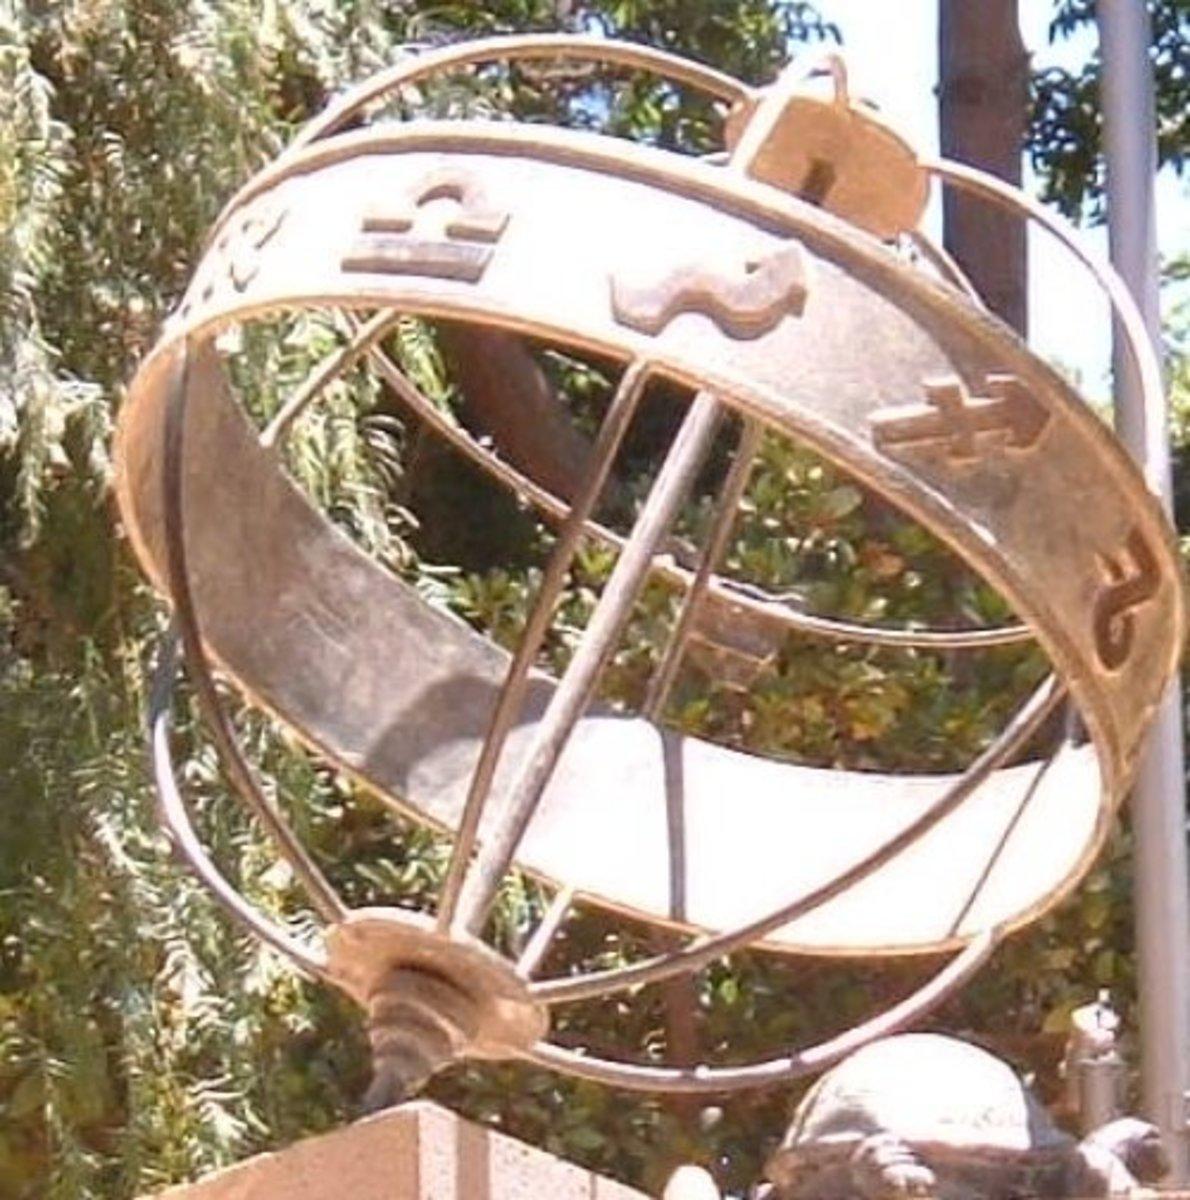 Signs of the zodiac on display in Parque García Sanabria